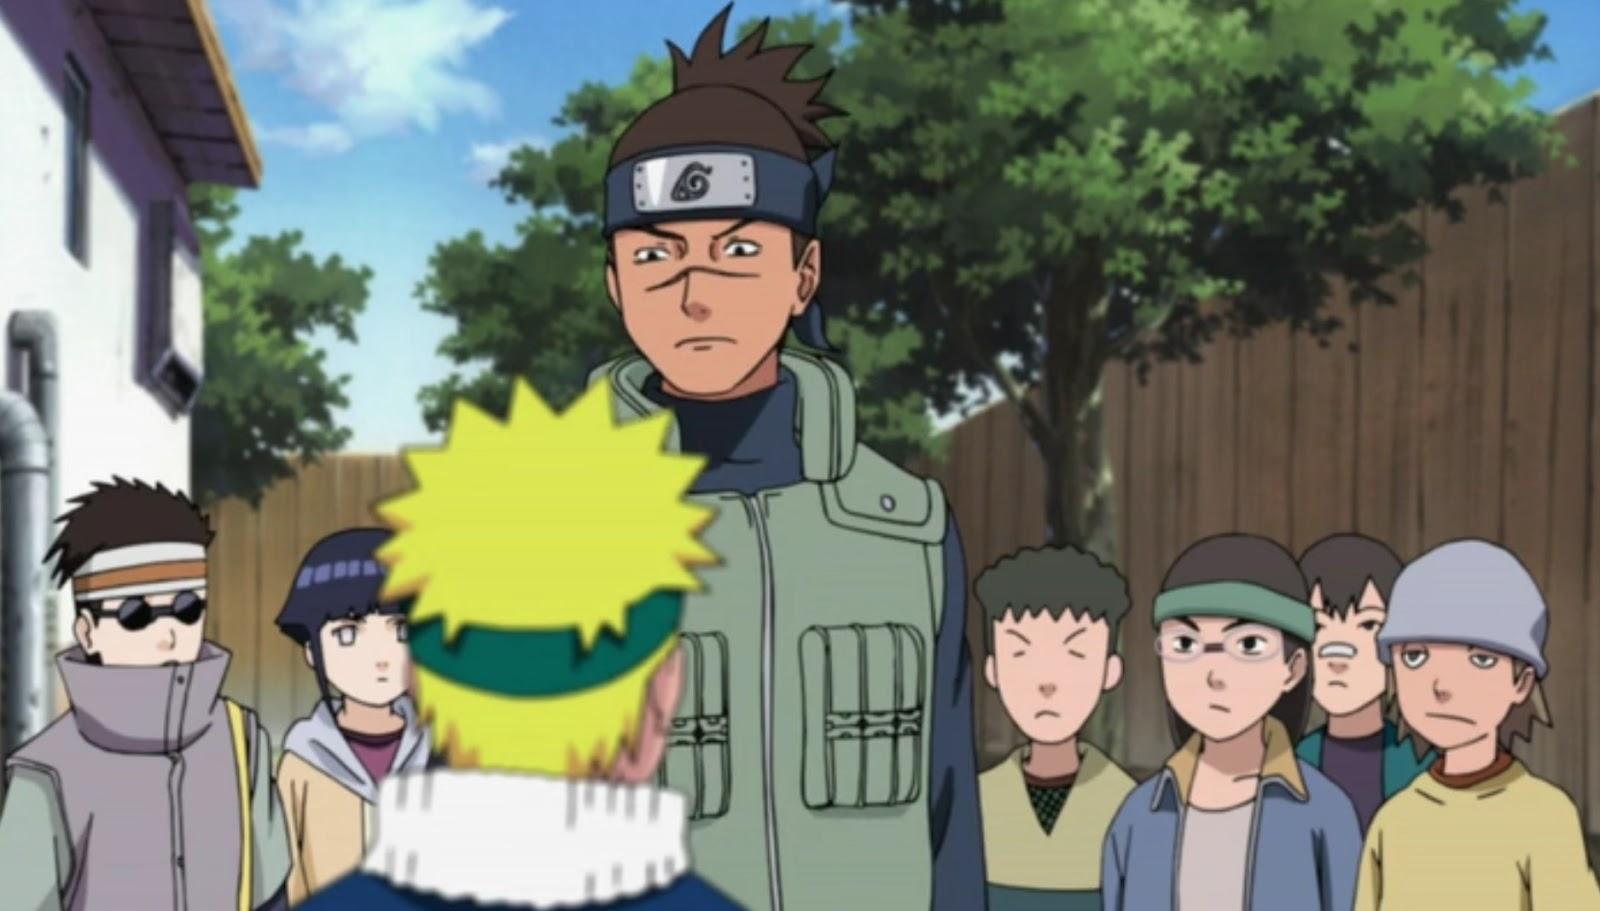 Naruto Shippuden Episódio 176, Assistir Naruto Shippuden Episódio 176, Assistir Naruto Shippuden Todos os Episódios Legendado, Naruto Shippuden episódio 176,HD